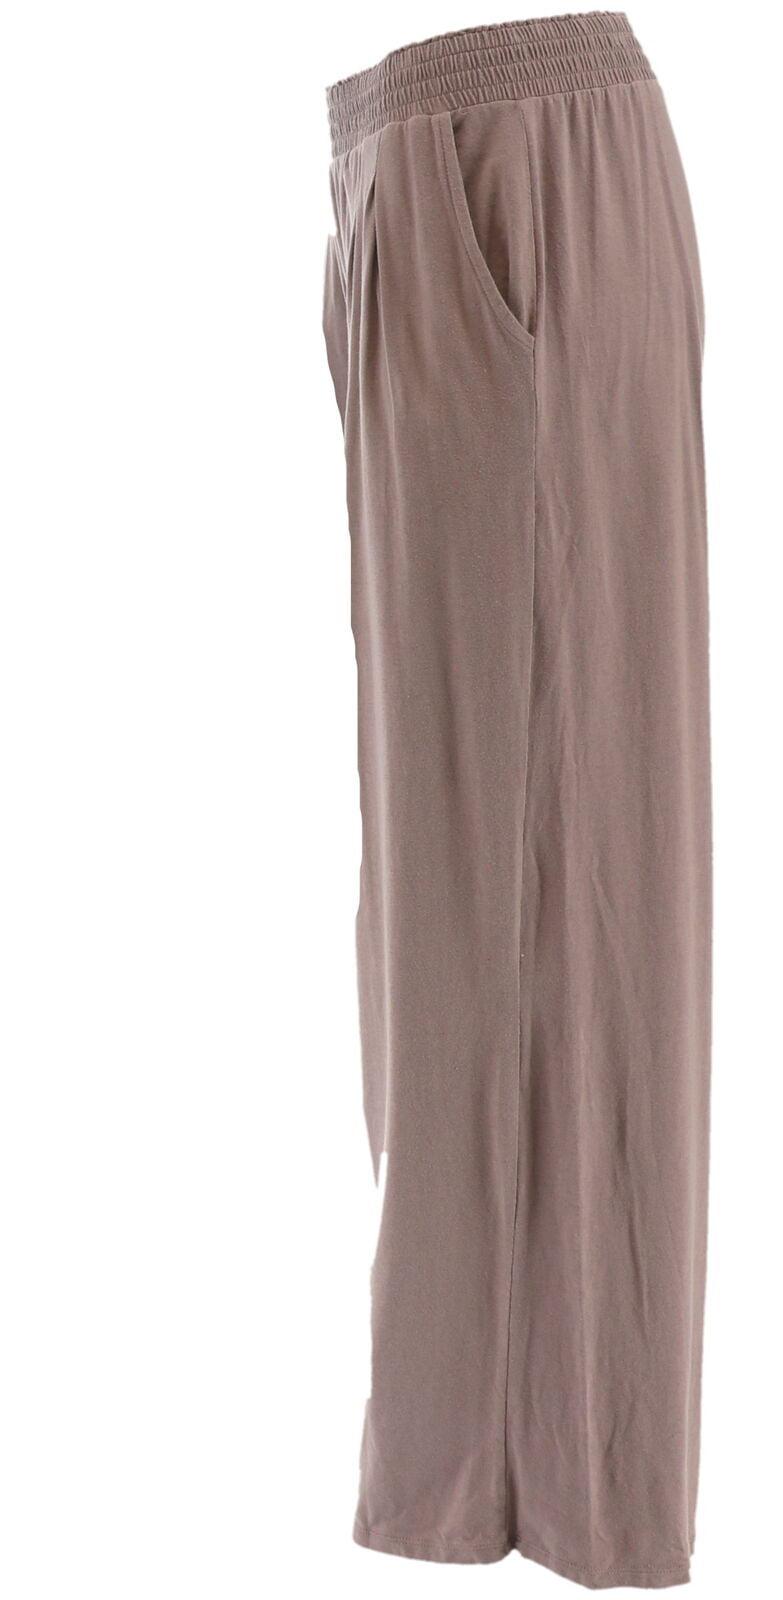 AnyBody Loungewear Cozy Knit Wide-Leg Pants Smokey Taupe S NEW A347172